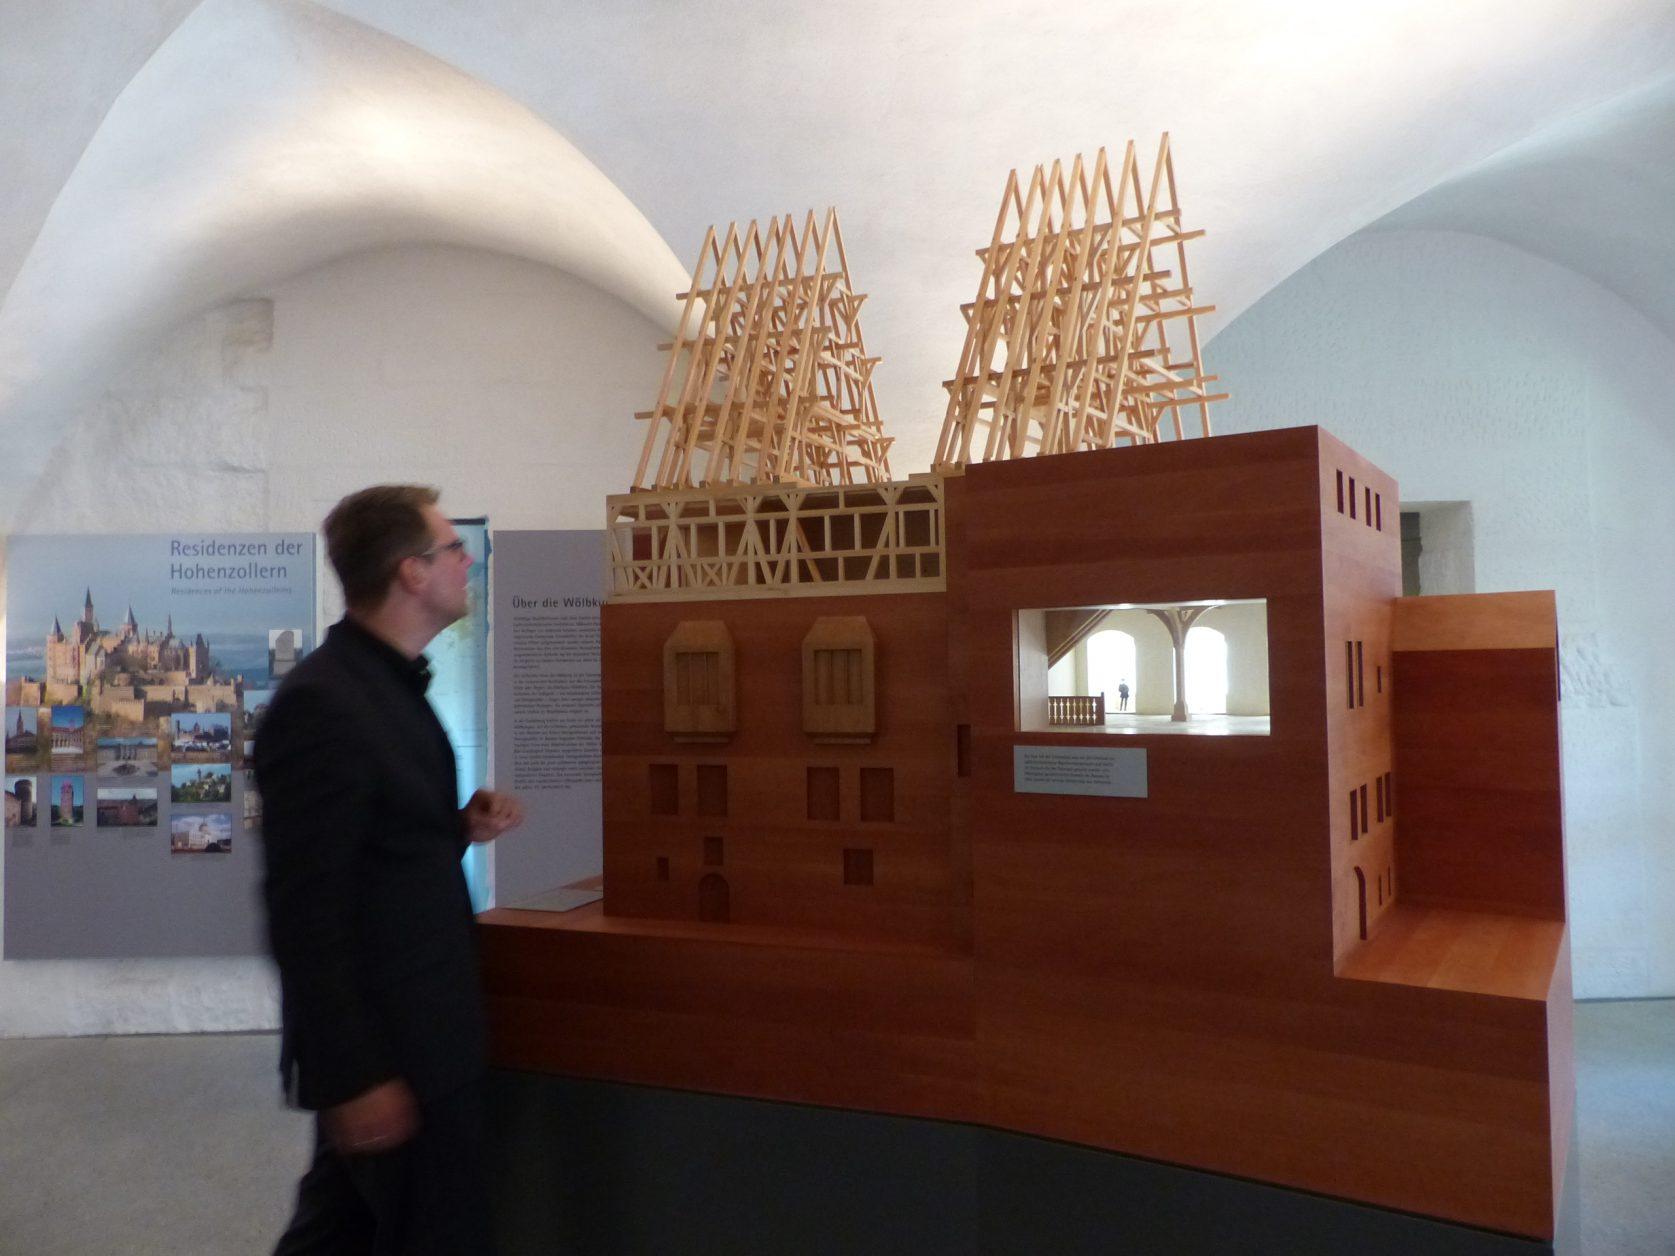 Eindrucksvoll wird die Baugeschichte der Cadolzburg erläutert. Foto: d.Weirauch